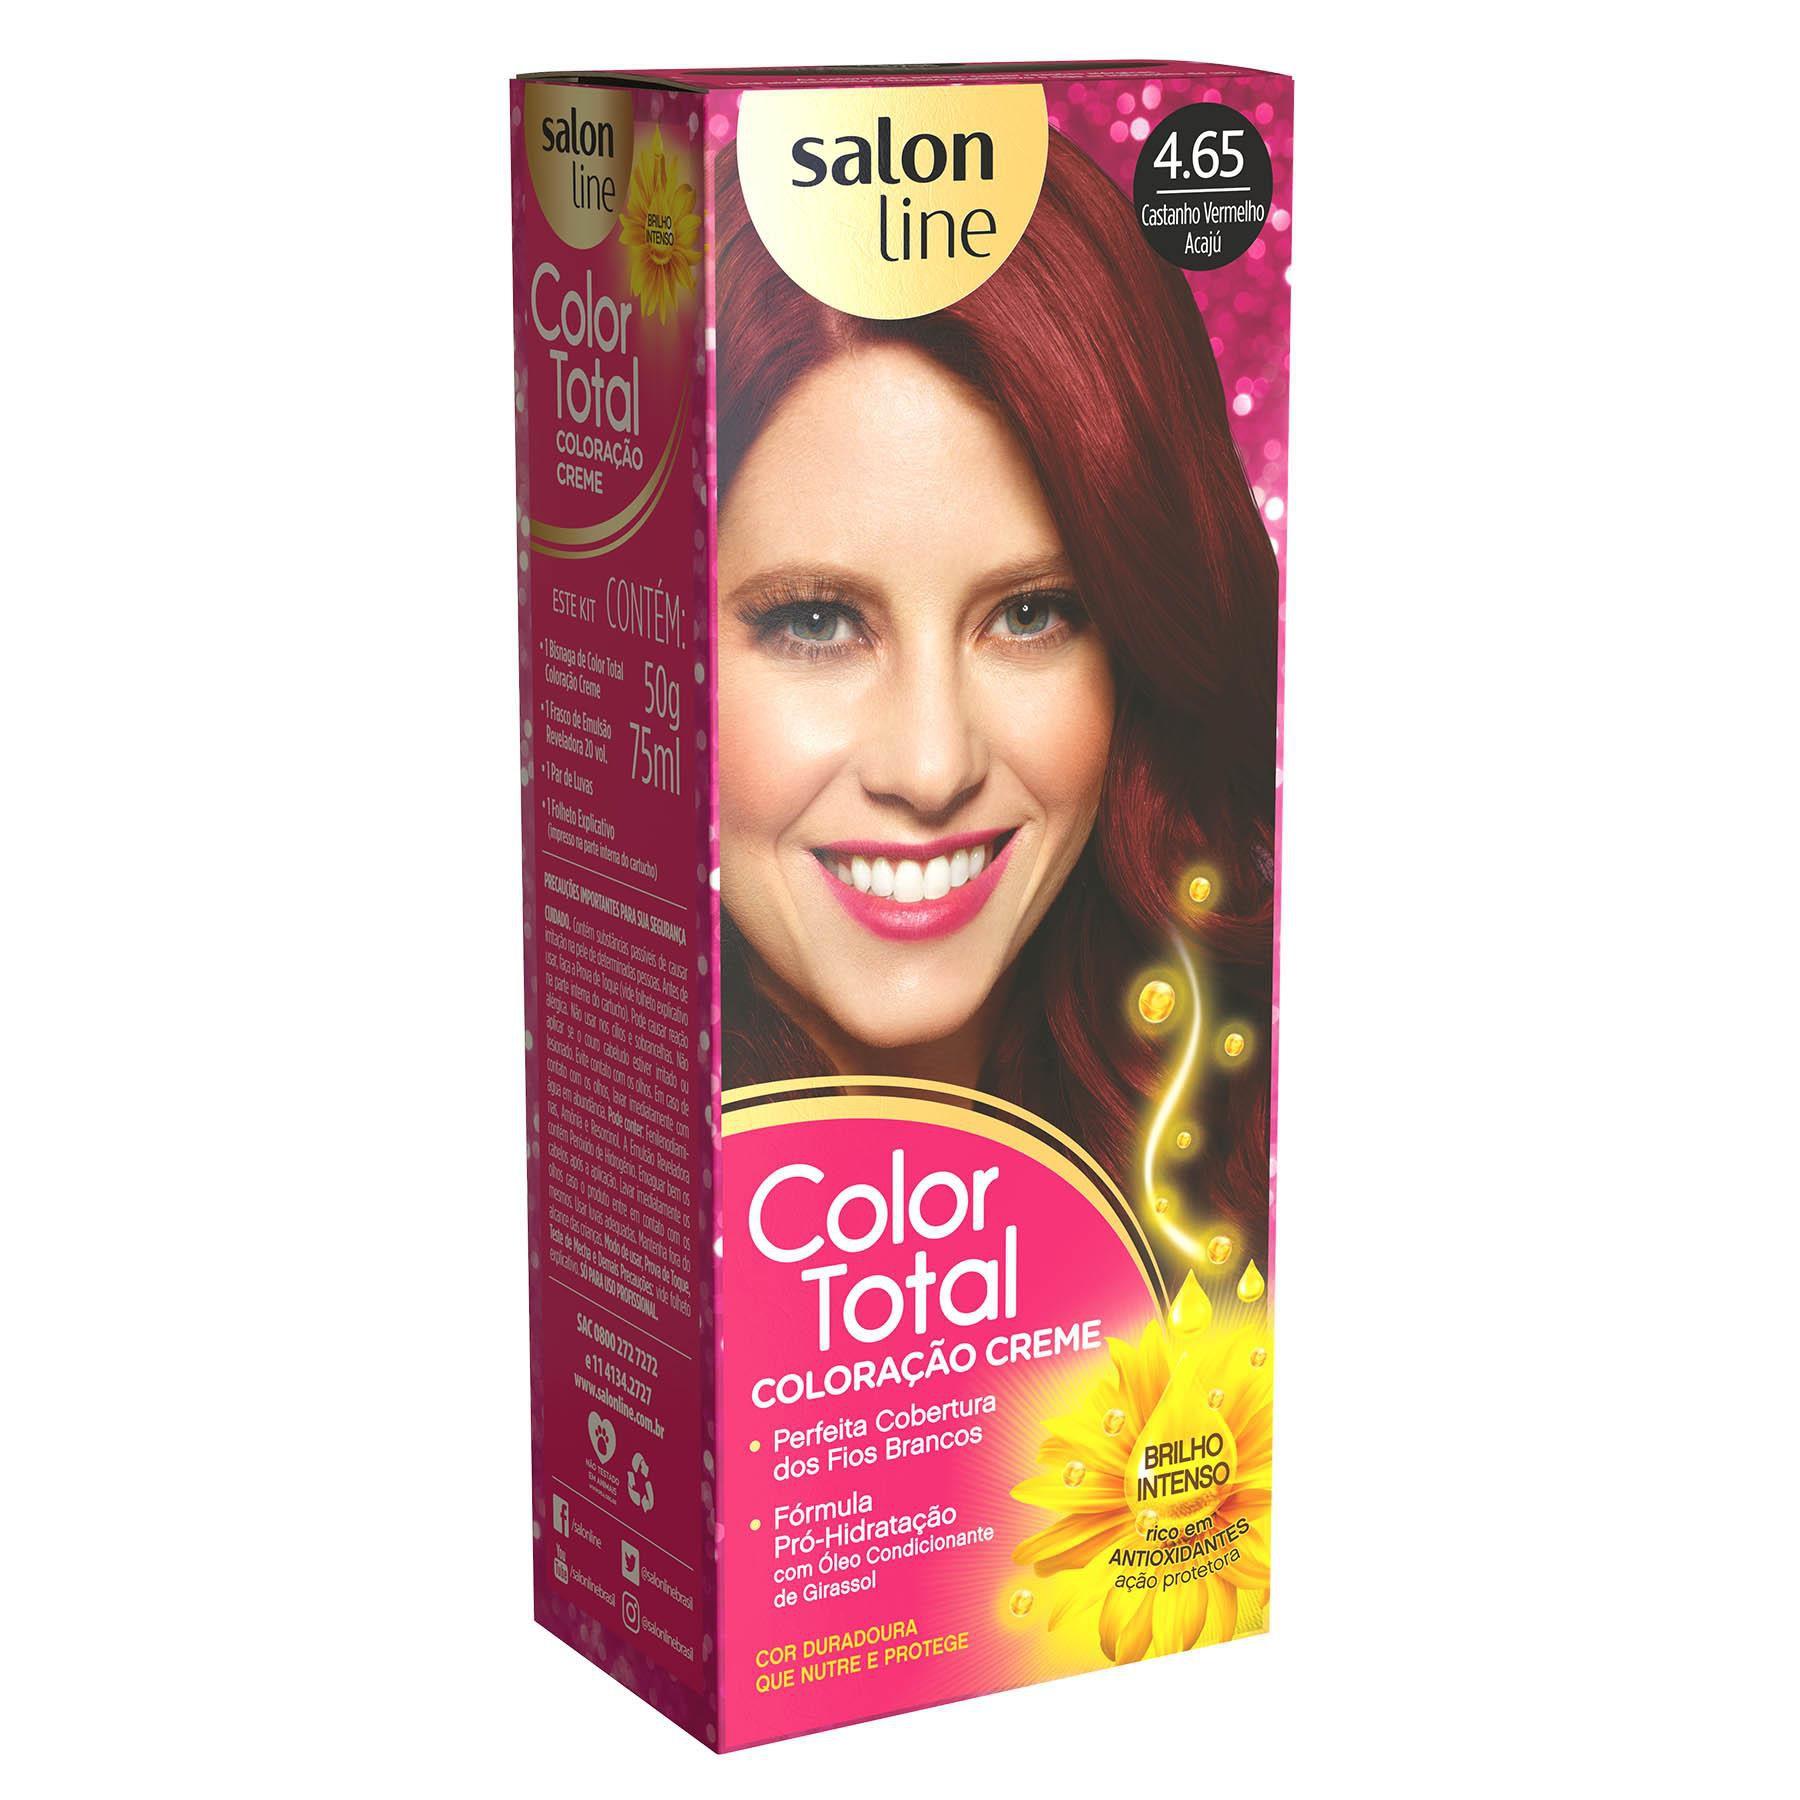 Salon Line Coloração Color Total 4.65 Castanho Vermelho Acaju